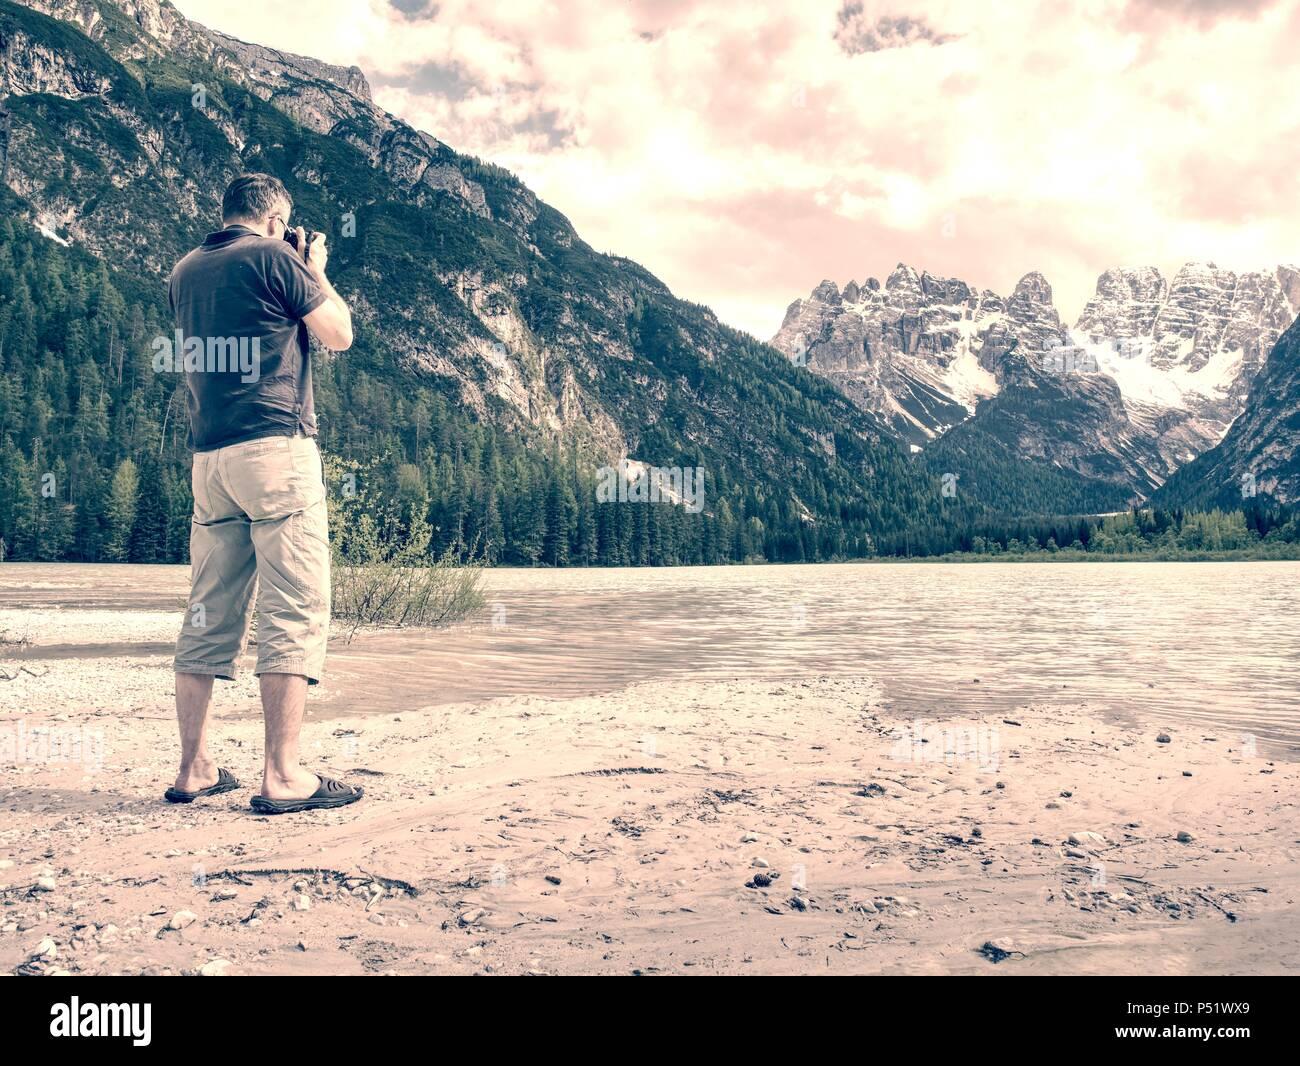 Photo Traveler nimmt Speicher Foto der Seenlandschaft. Blue Lake zwischen hohen Bergen, Gipfeln Touch im blauen Himmel. Reisen lifestyle Konzept Stockbild